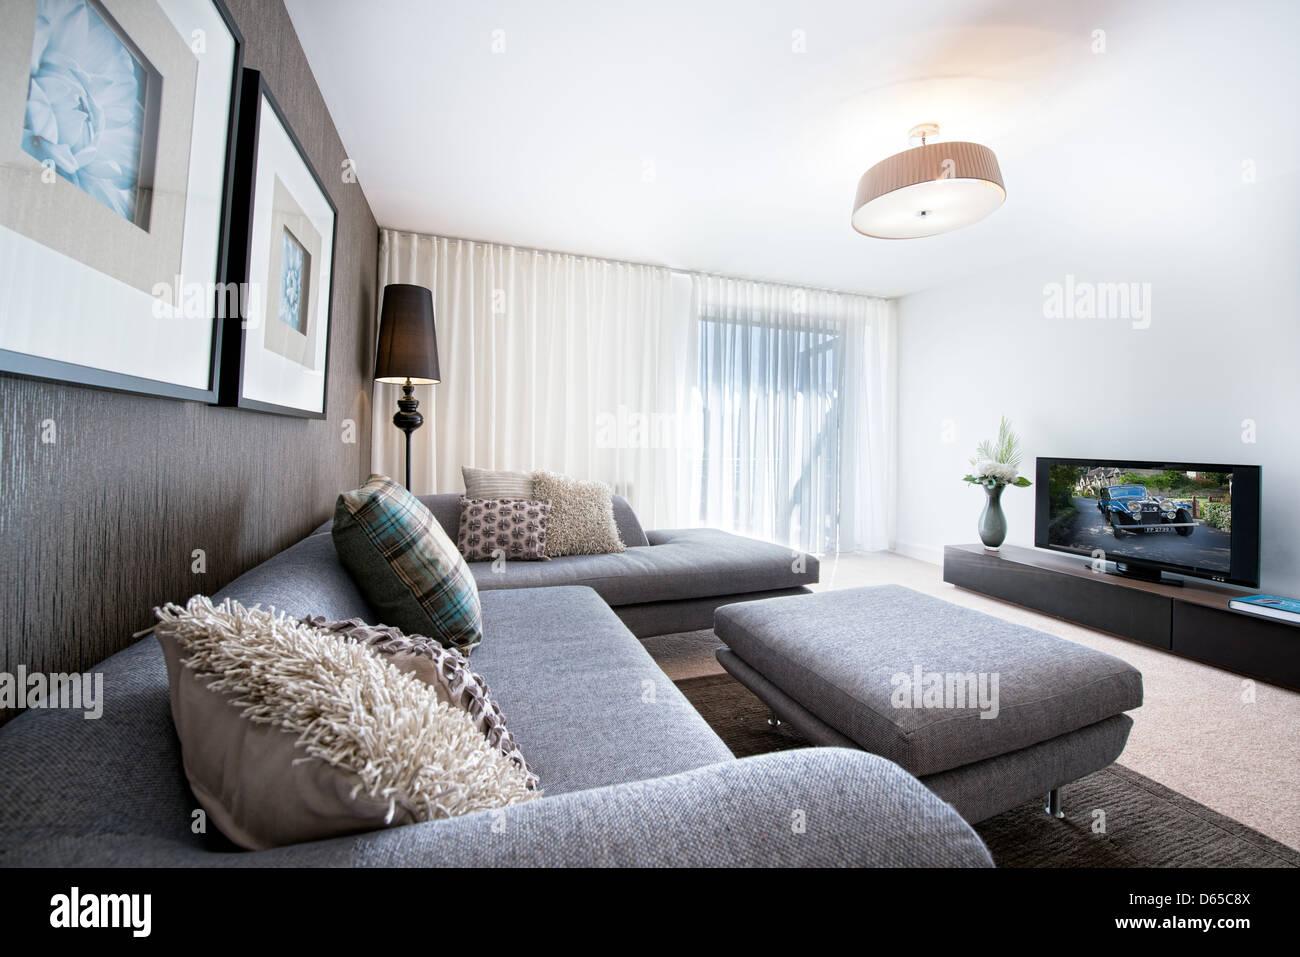 Sofa Tv Home Decoration Interior Home Decorating